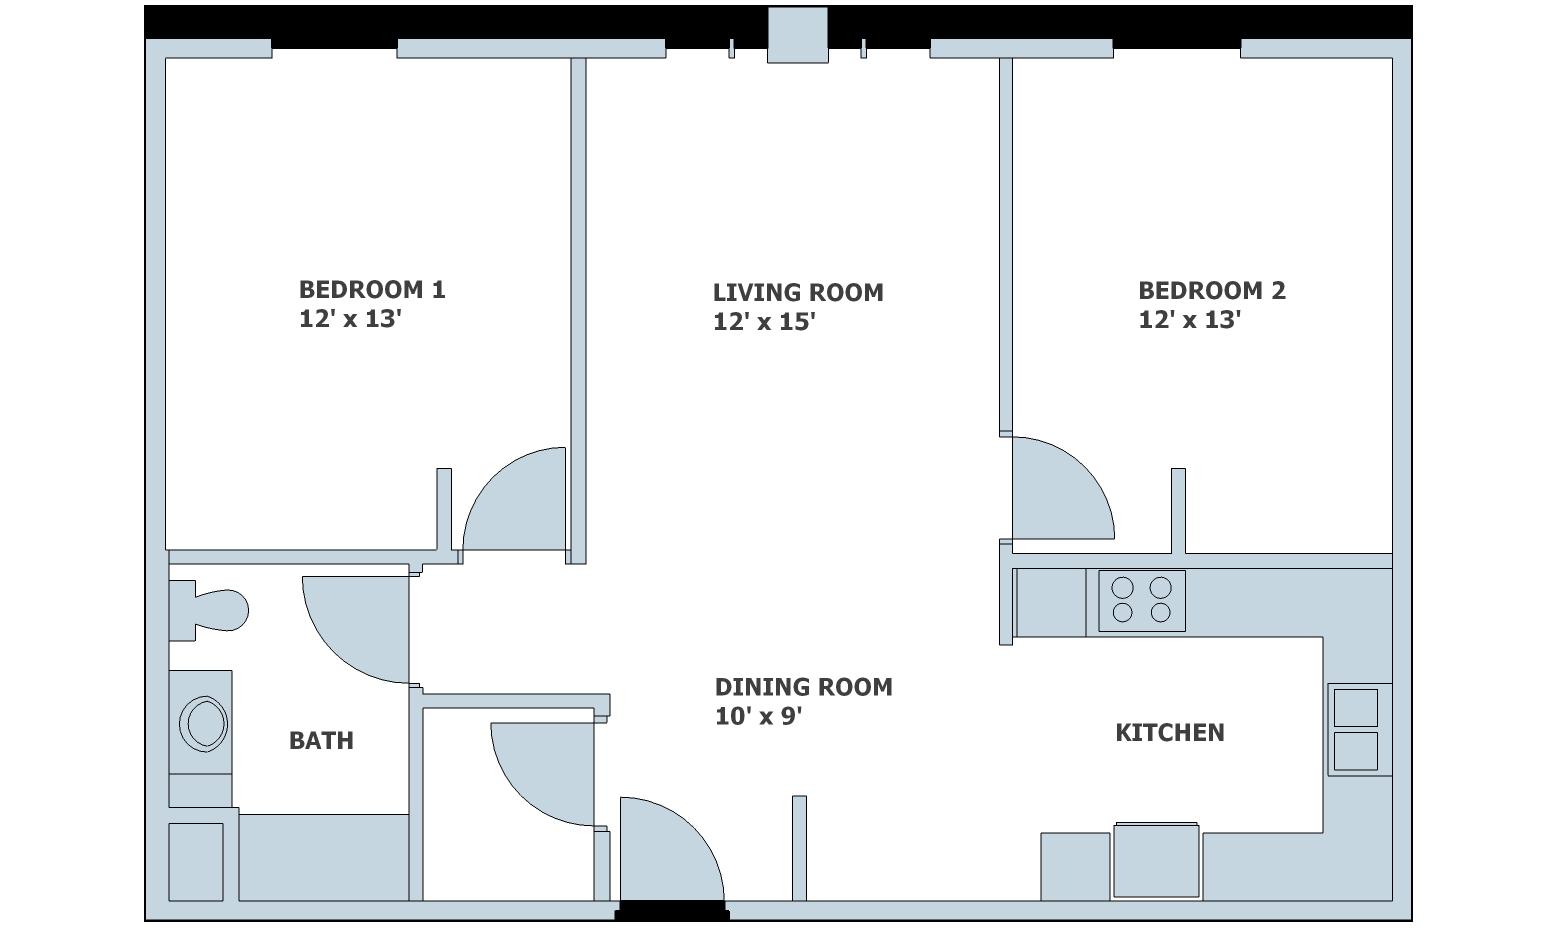 mounds-view-gables-floor-plan-unit-b-3